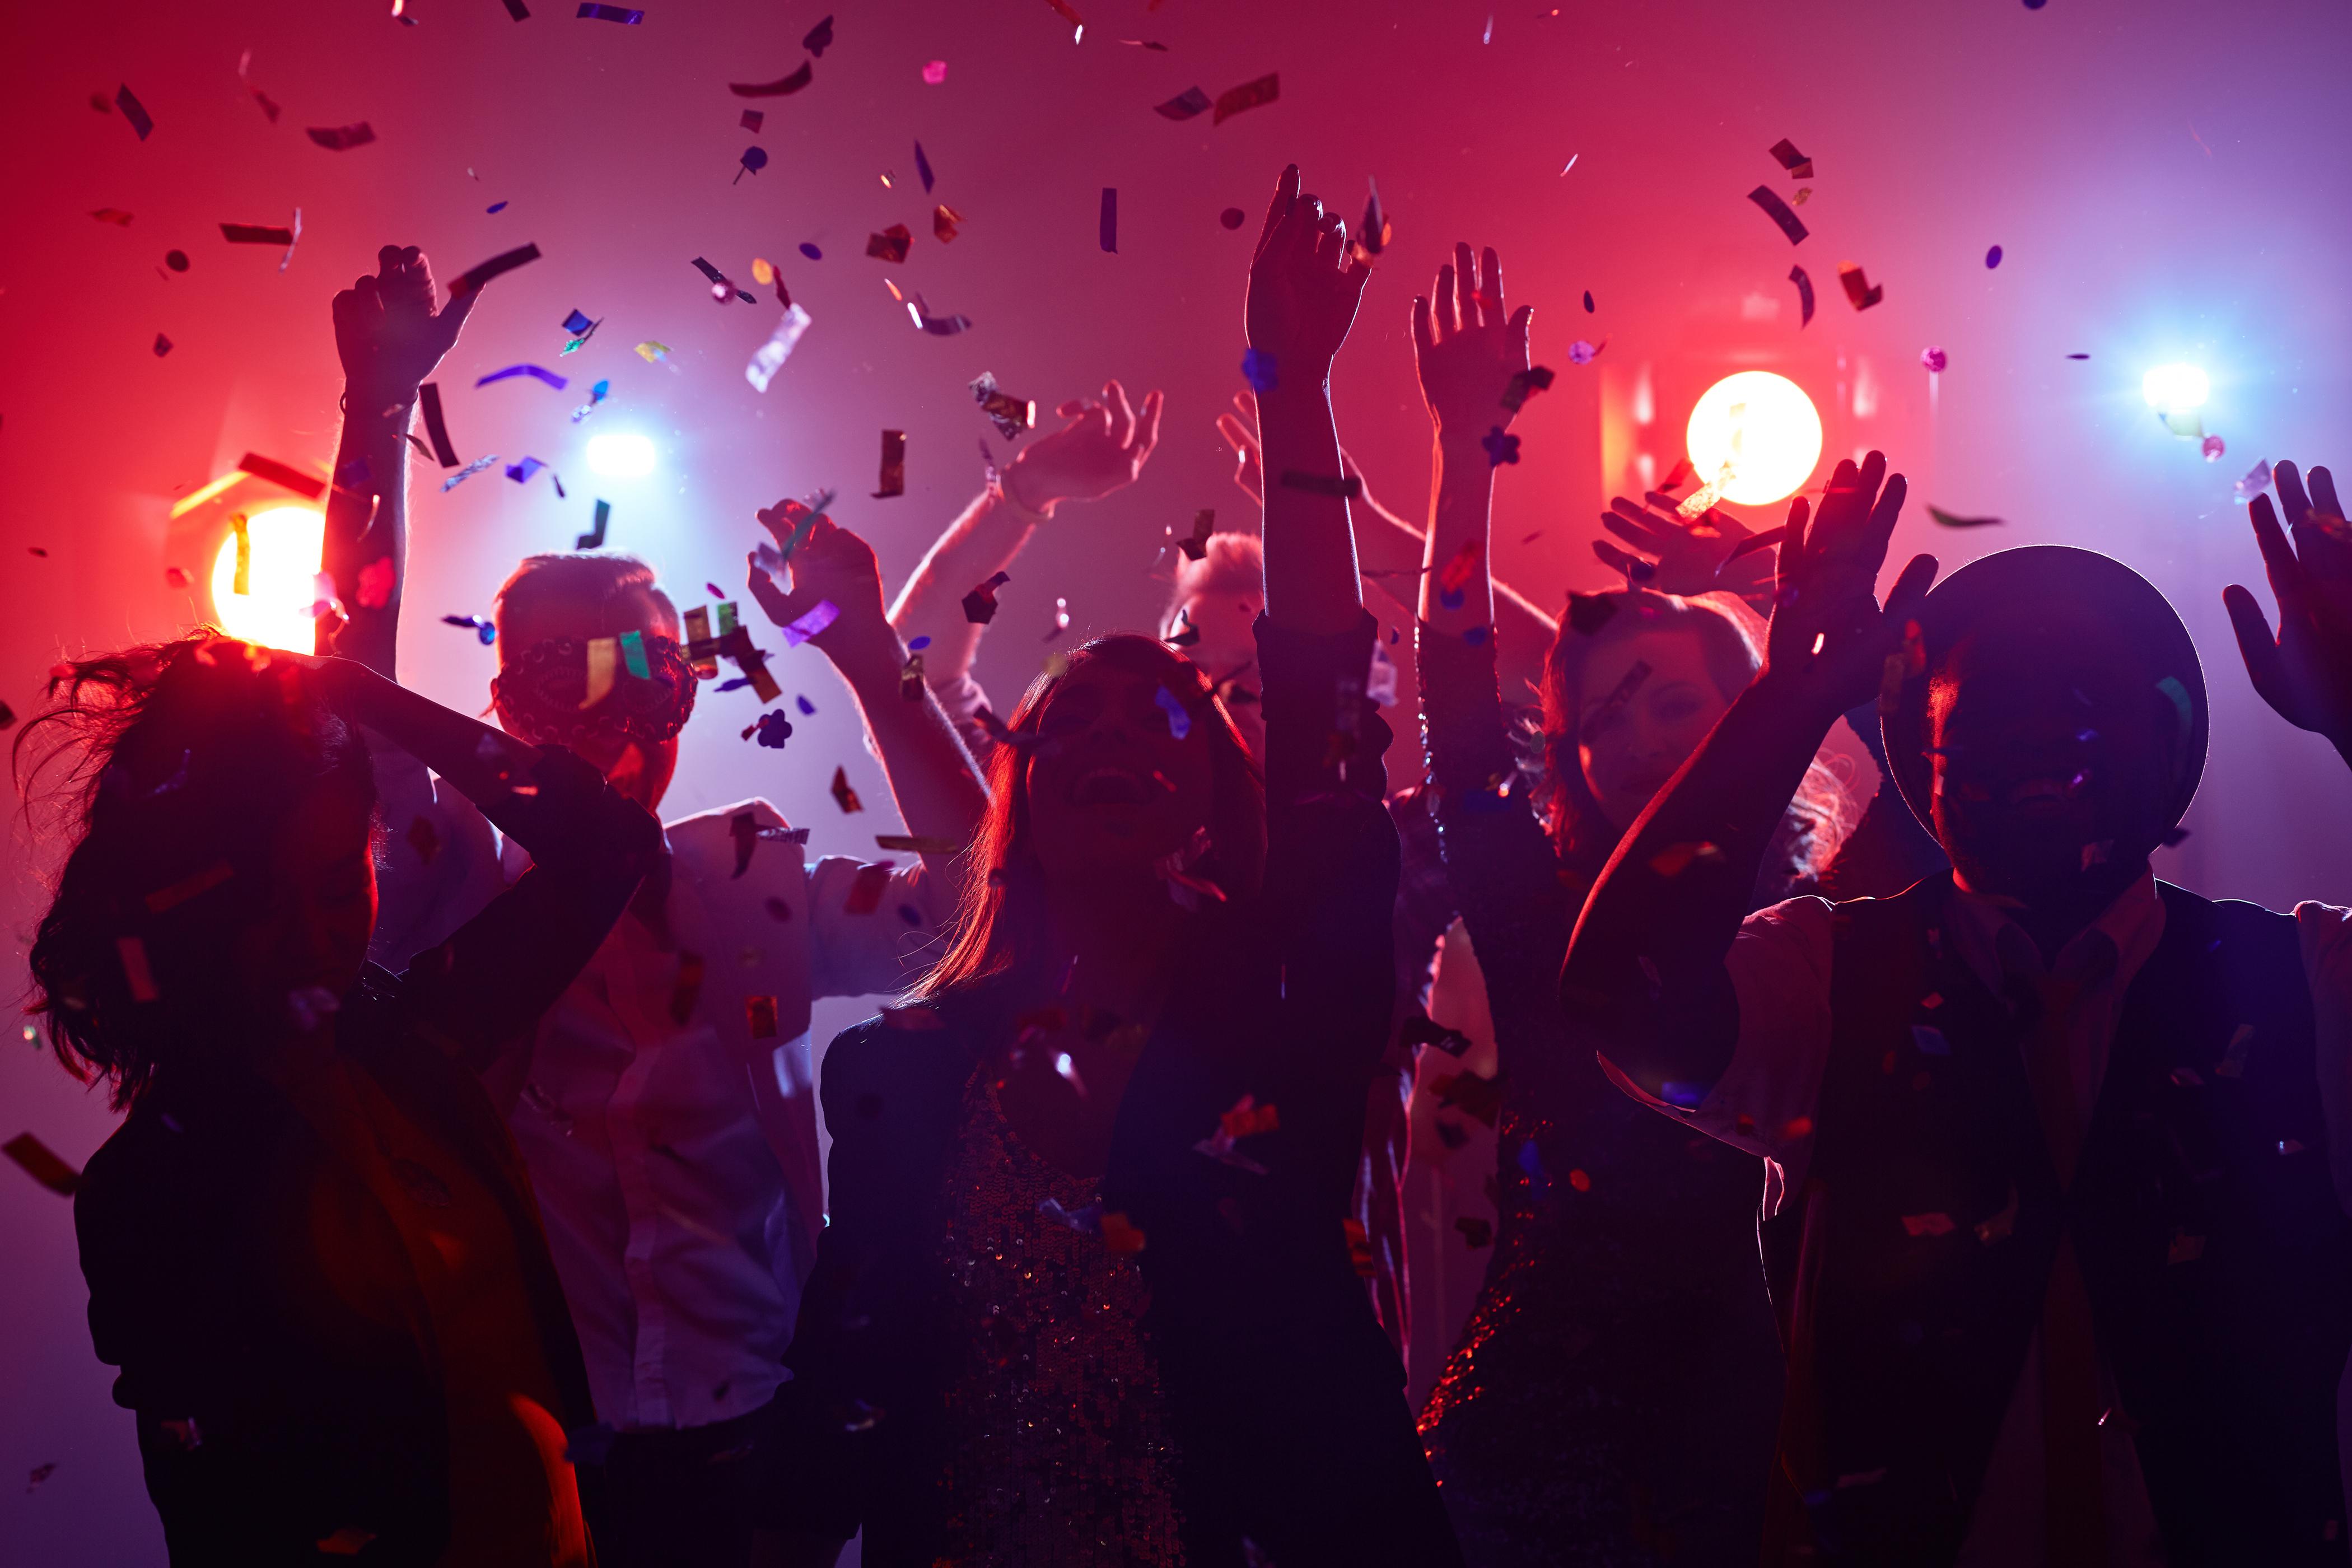 Zeci de persoane au fugit de la o petrecere nocturnă ilegală în Arad, la sosirea polițiștilor locali. Ce au lăsat în urmă